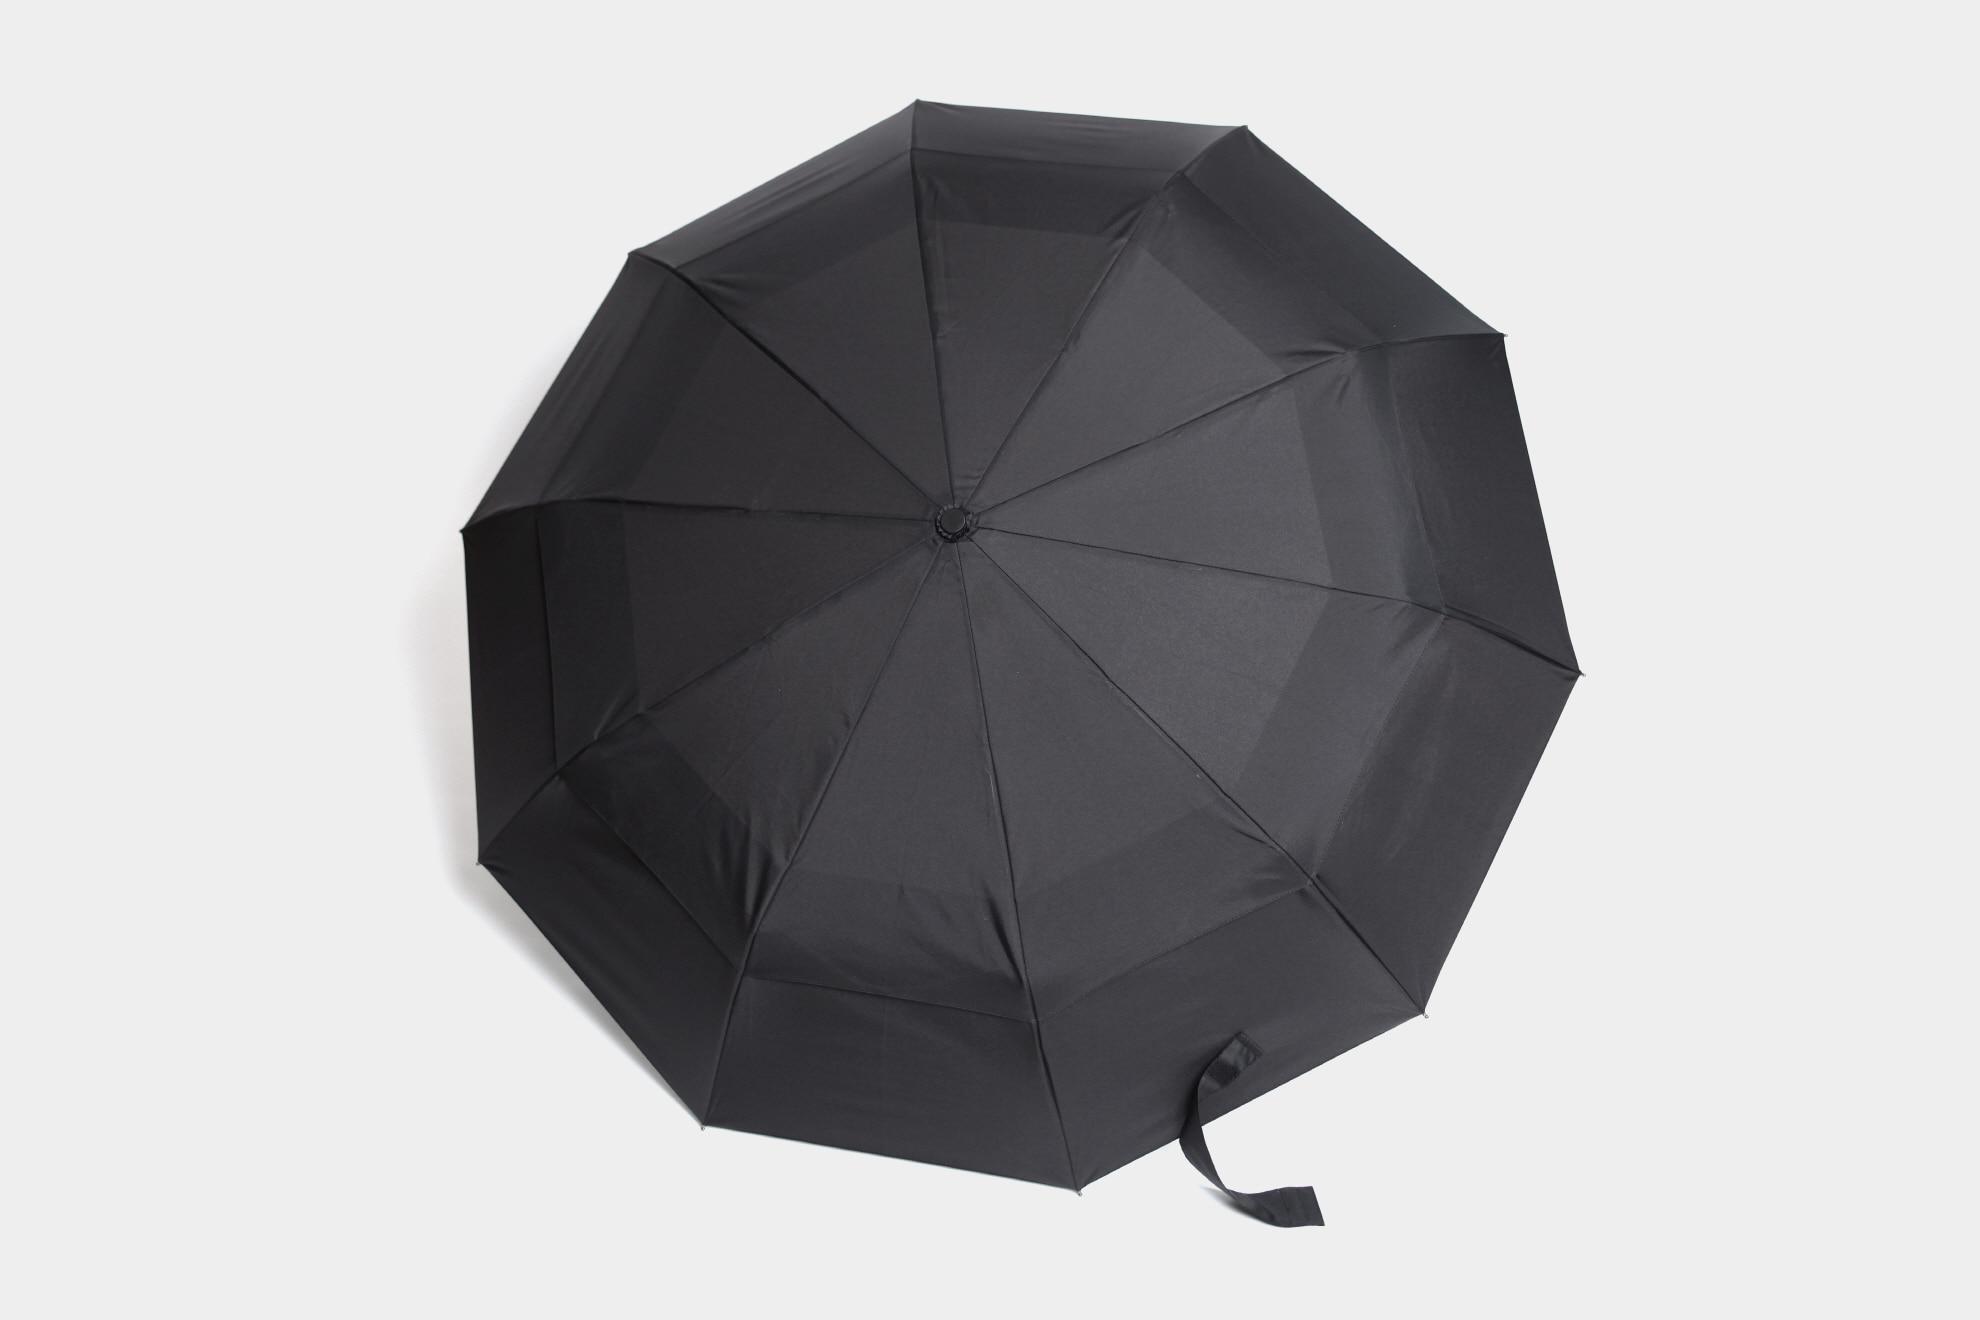 파라체이스(PARACHASE) 3251 프리미엄 남성 자동 3단우산 - 파우치 포함